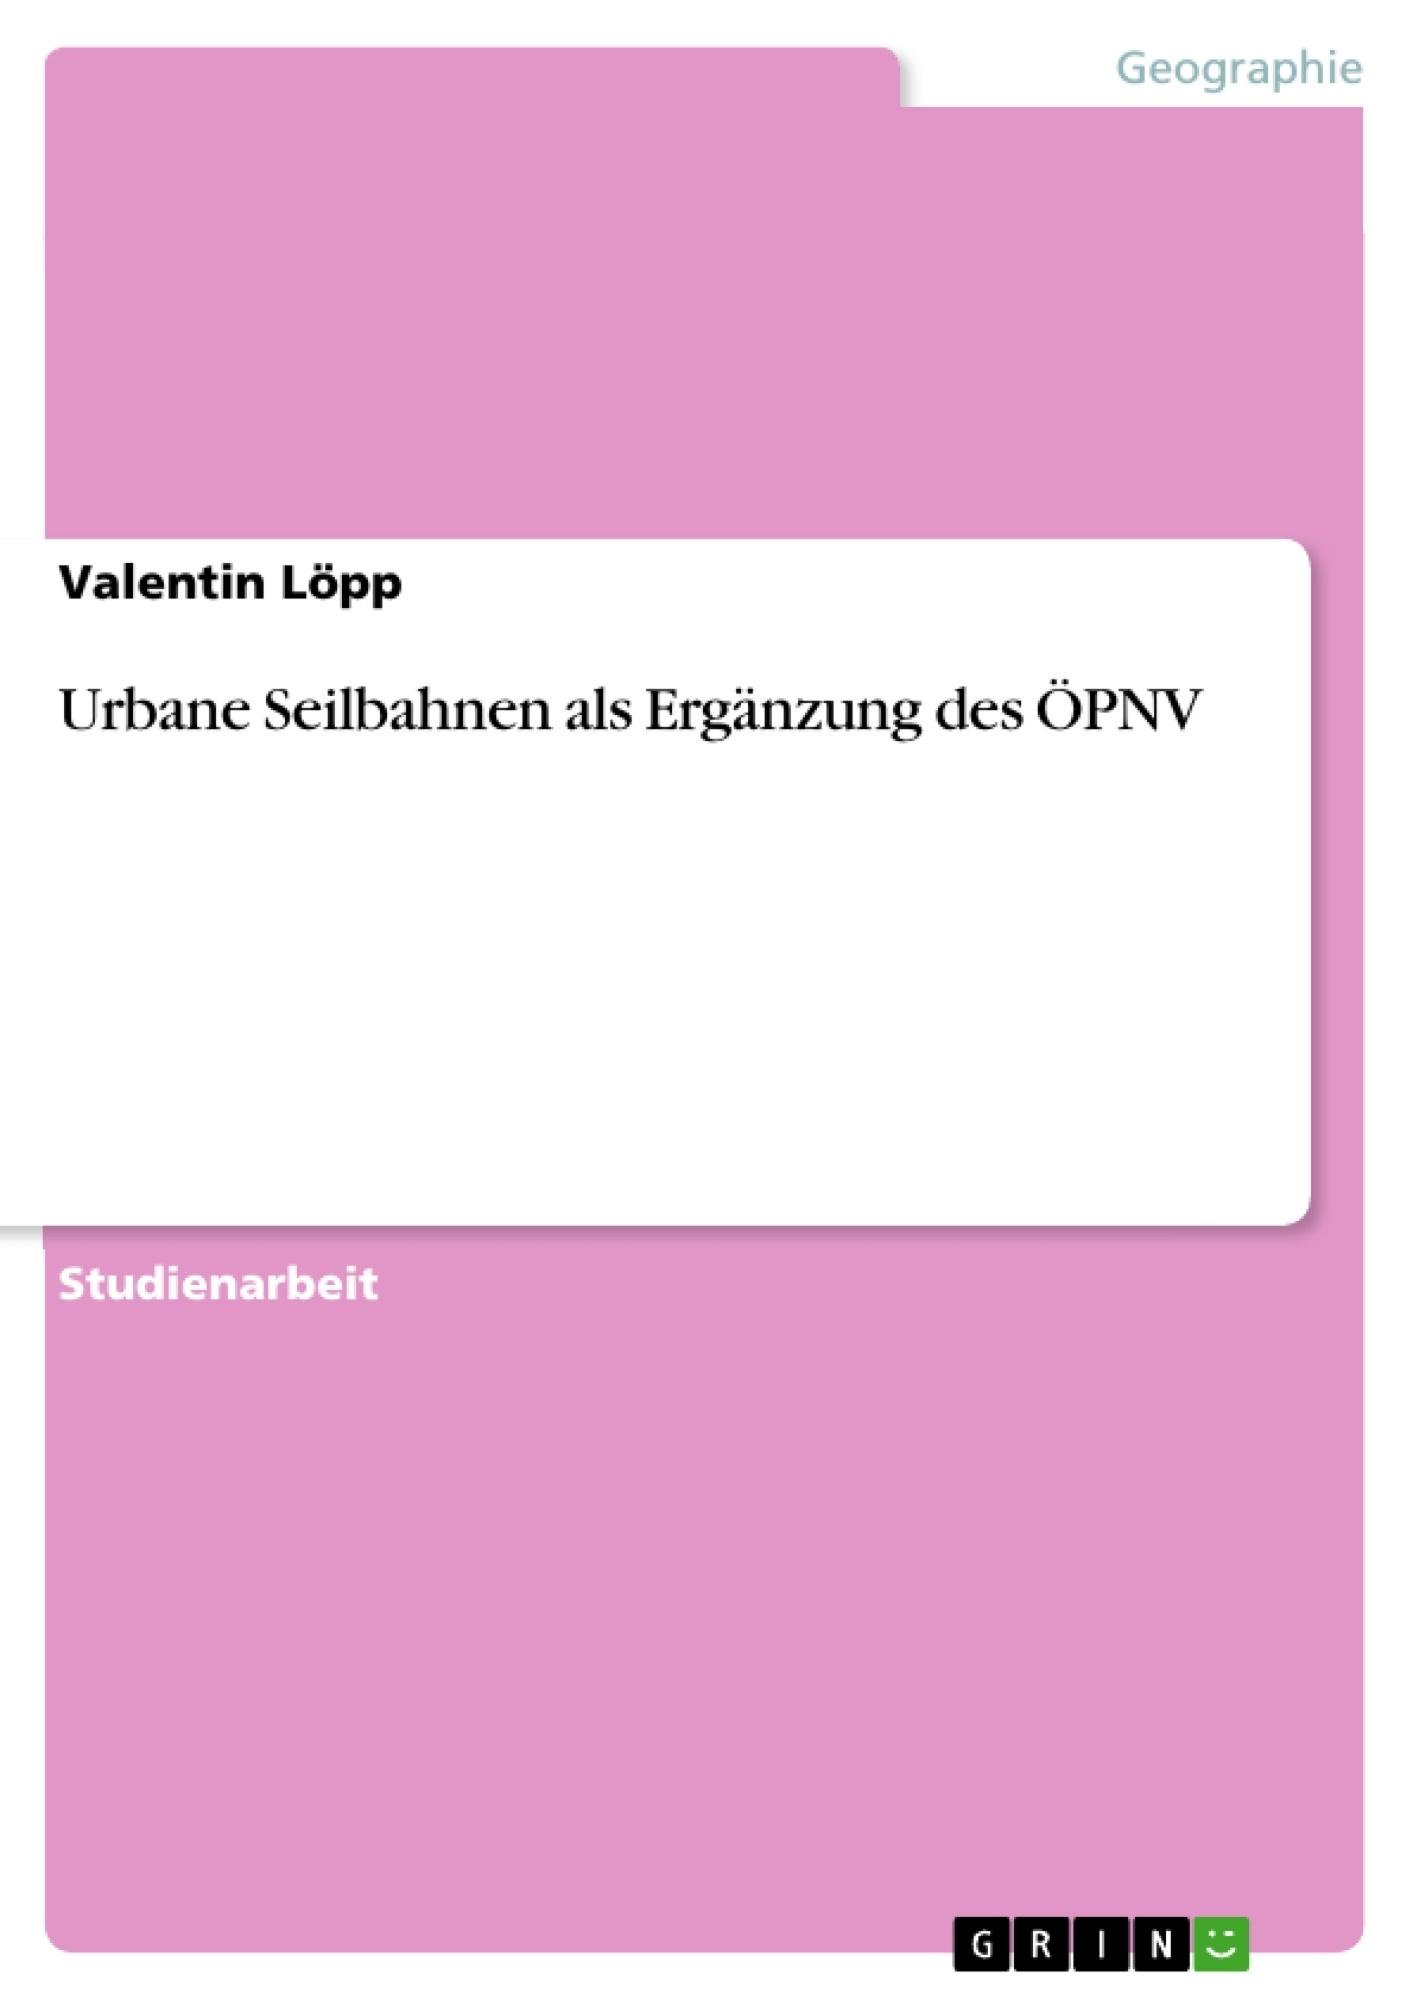 Titel: Urbane Seilbahnen als Ergänzung des ÖPNV